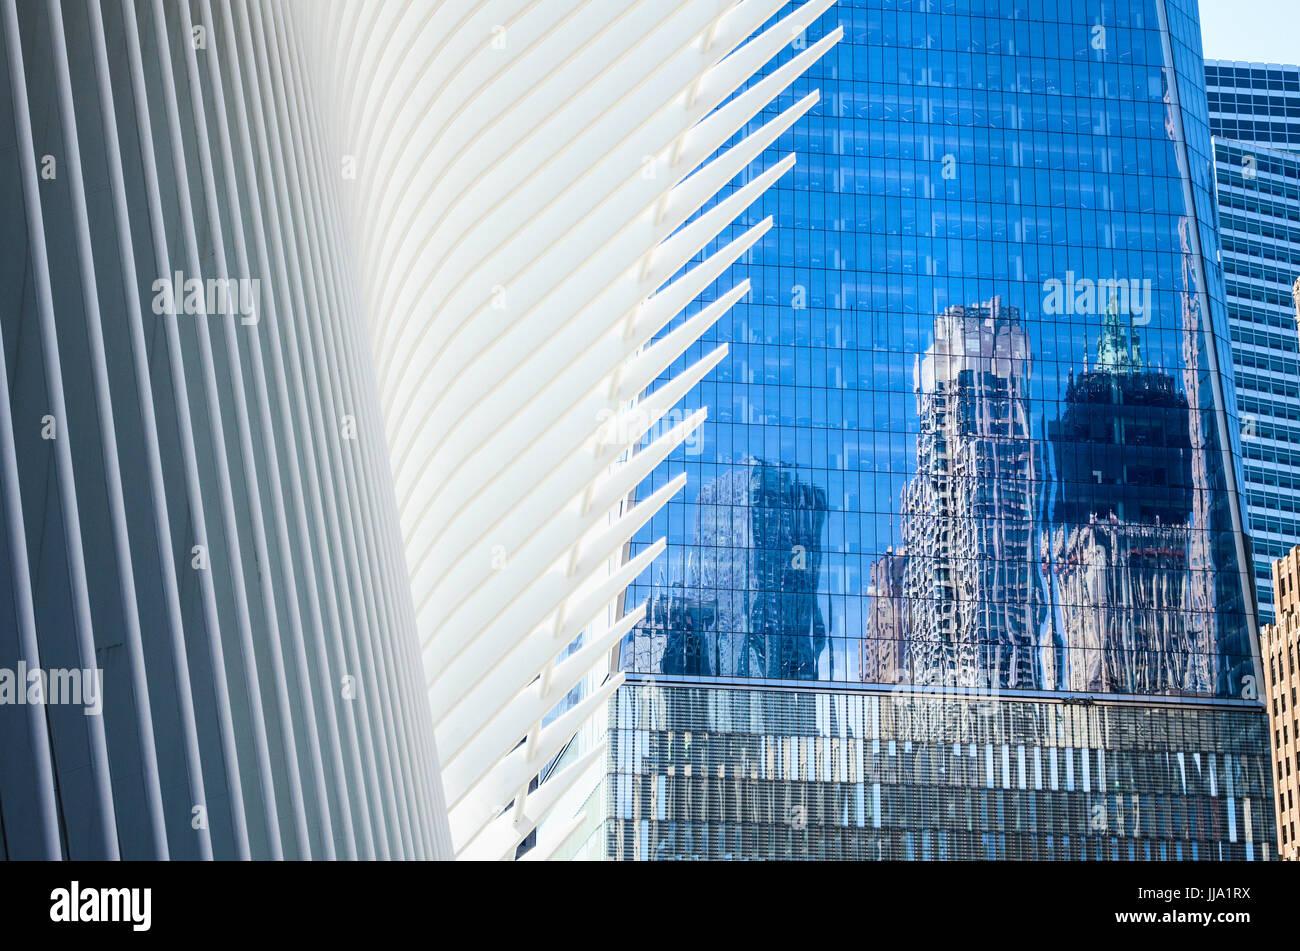 El distrito financiero de Nueva York con el World Trade Center, Oculus, reflexiones Foto de stock